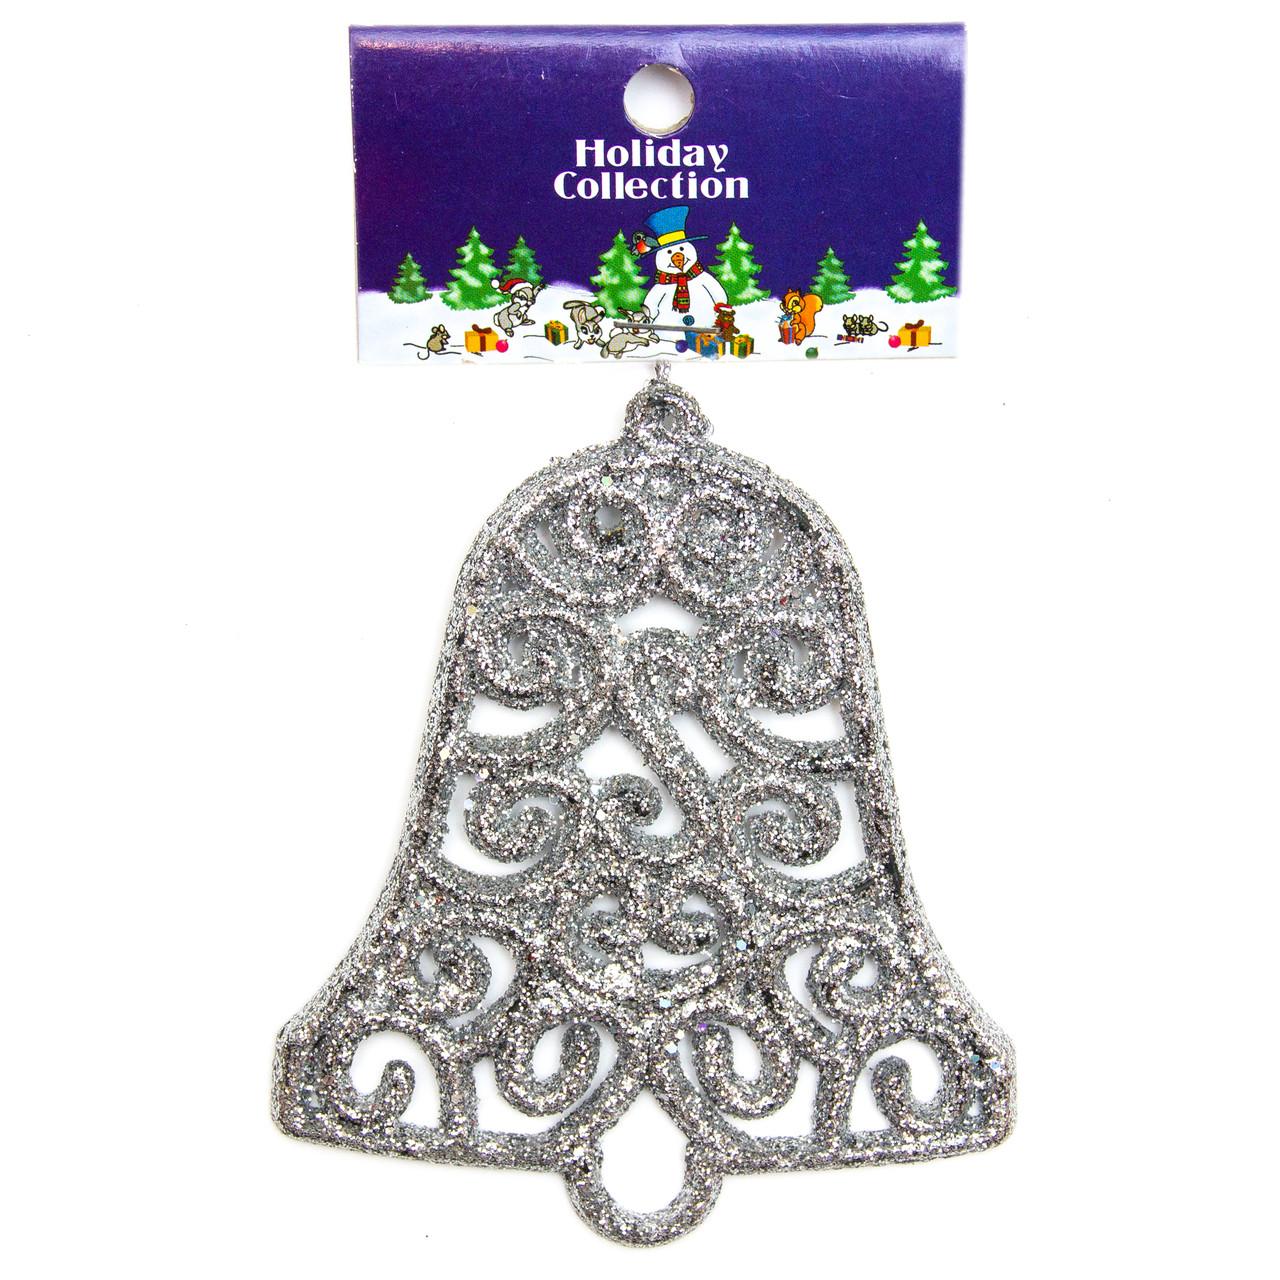 Елочное украшение - серебряный колокольчик, 10см (000678-5)